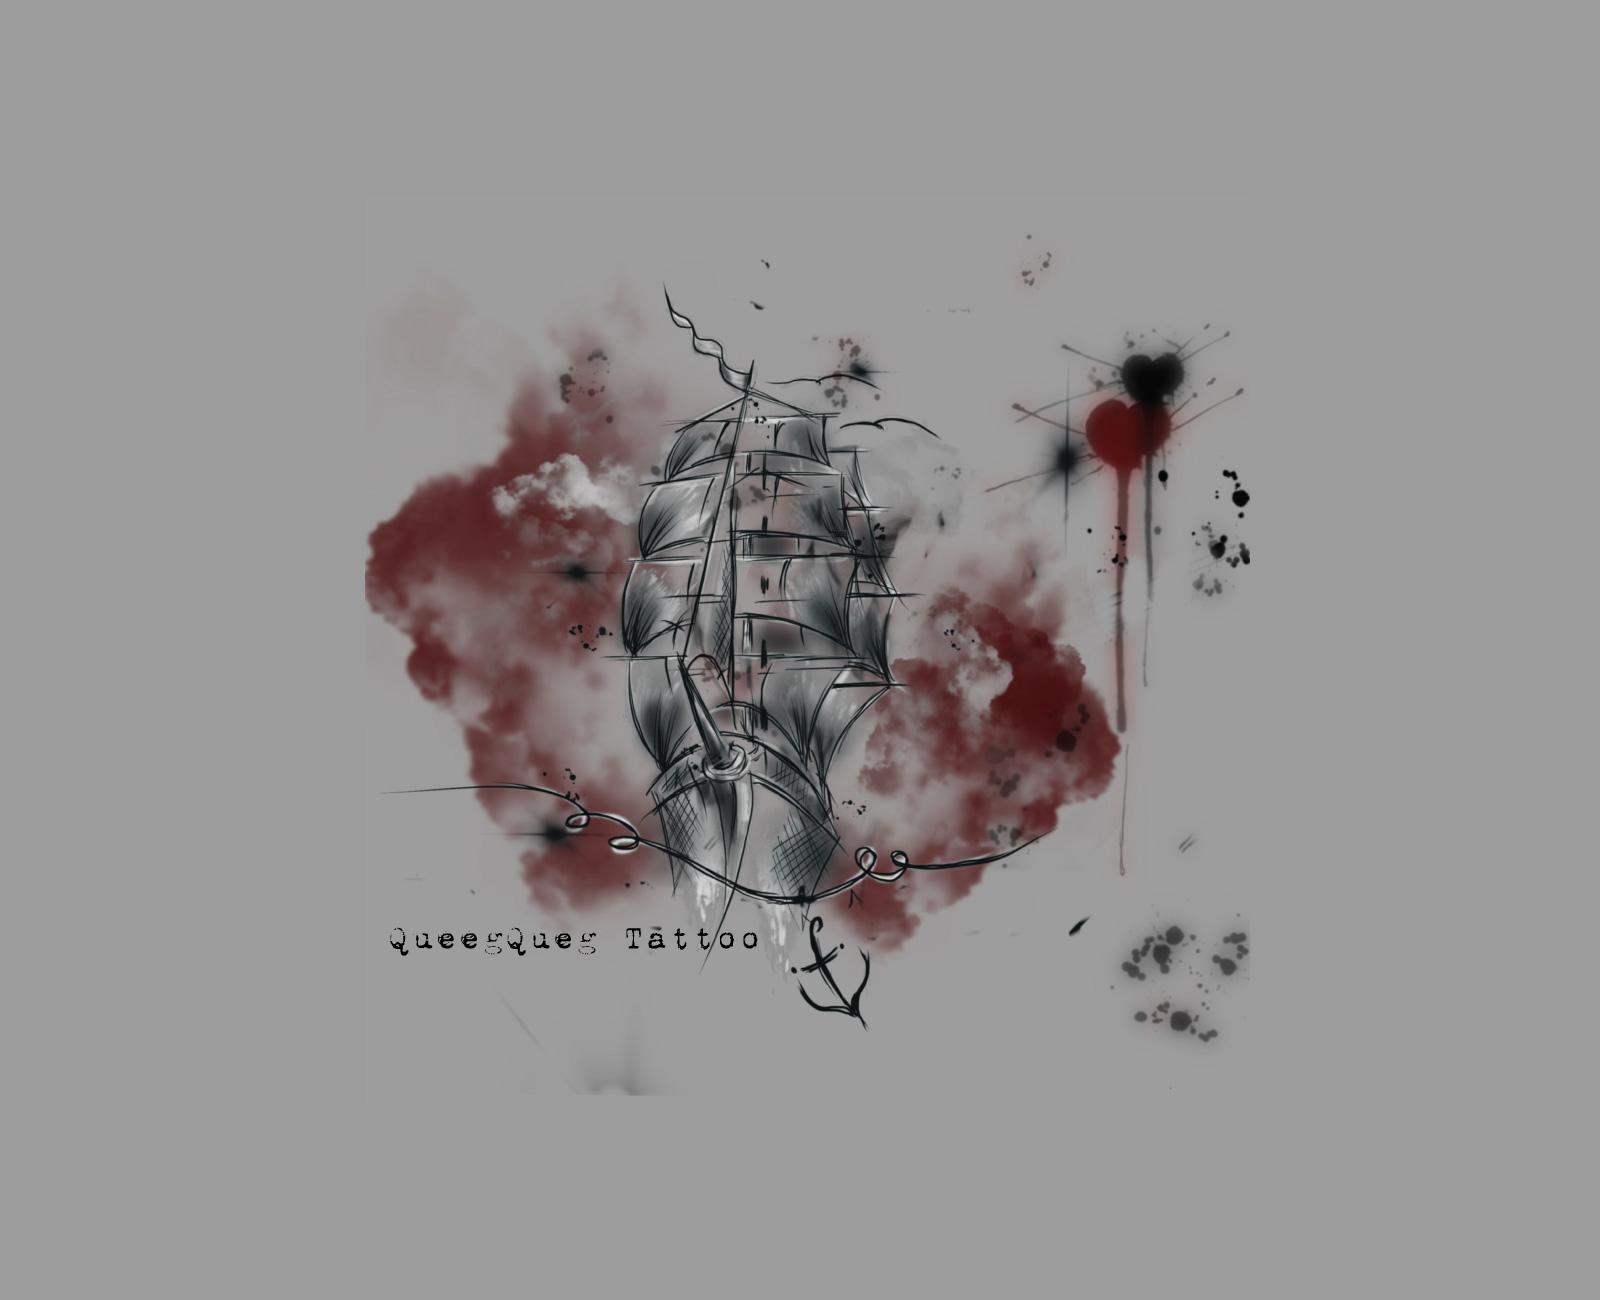 QueegQueg Tattoo - Kommt kein Schiff